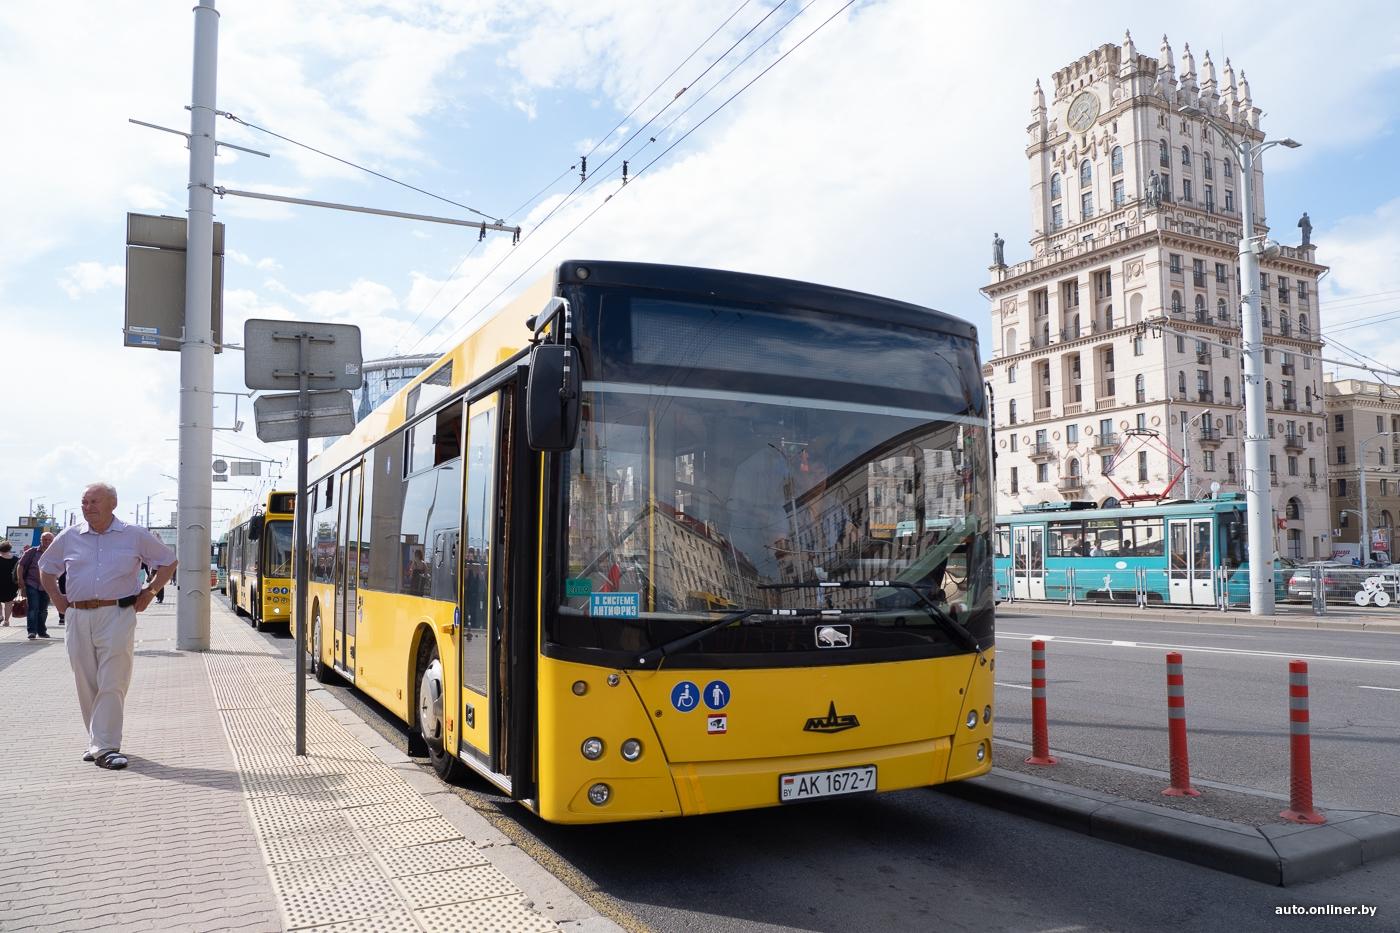 35f3bca3b2abf Кондиционеры в общественном транспорте — это замечательно. На улице жарко,  на следующей неделе, к примеру, обещают, что температура перевалит за 30  градусов ...